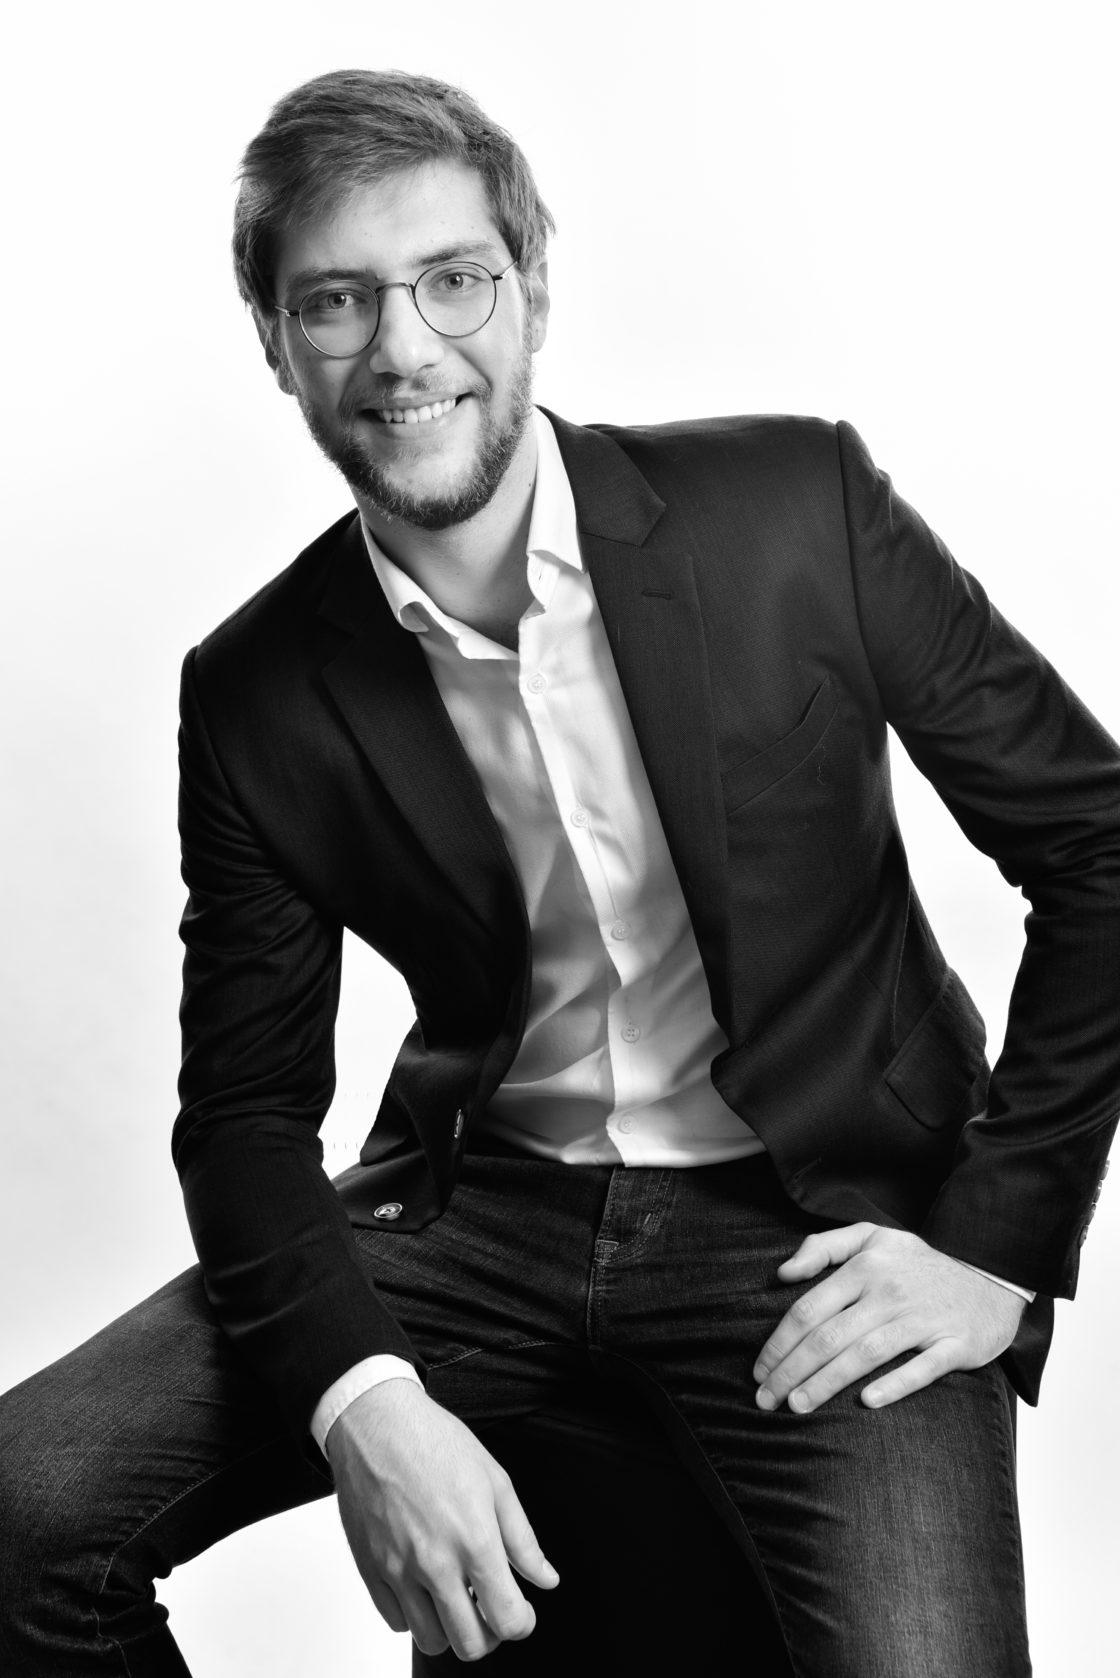 Portrait entreprise pour Linkedin homme en noir et blanc - Taupinprod - Veronique Taupin photographe Paris